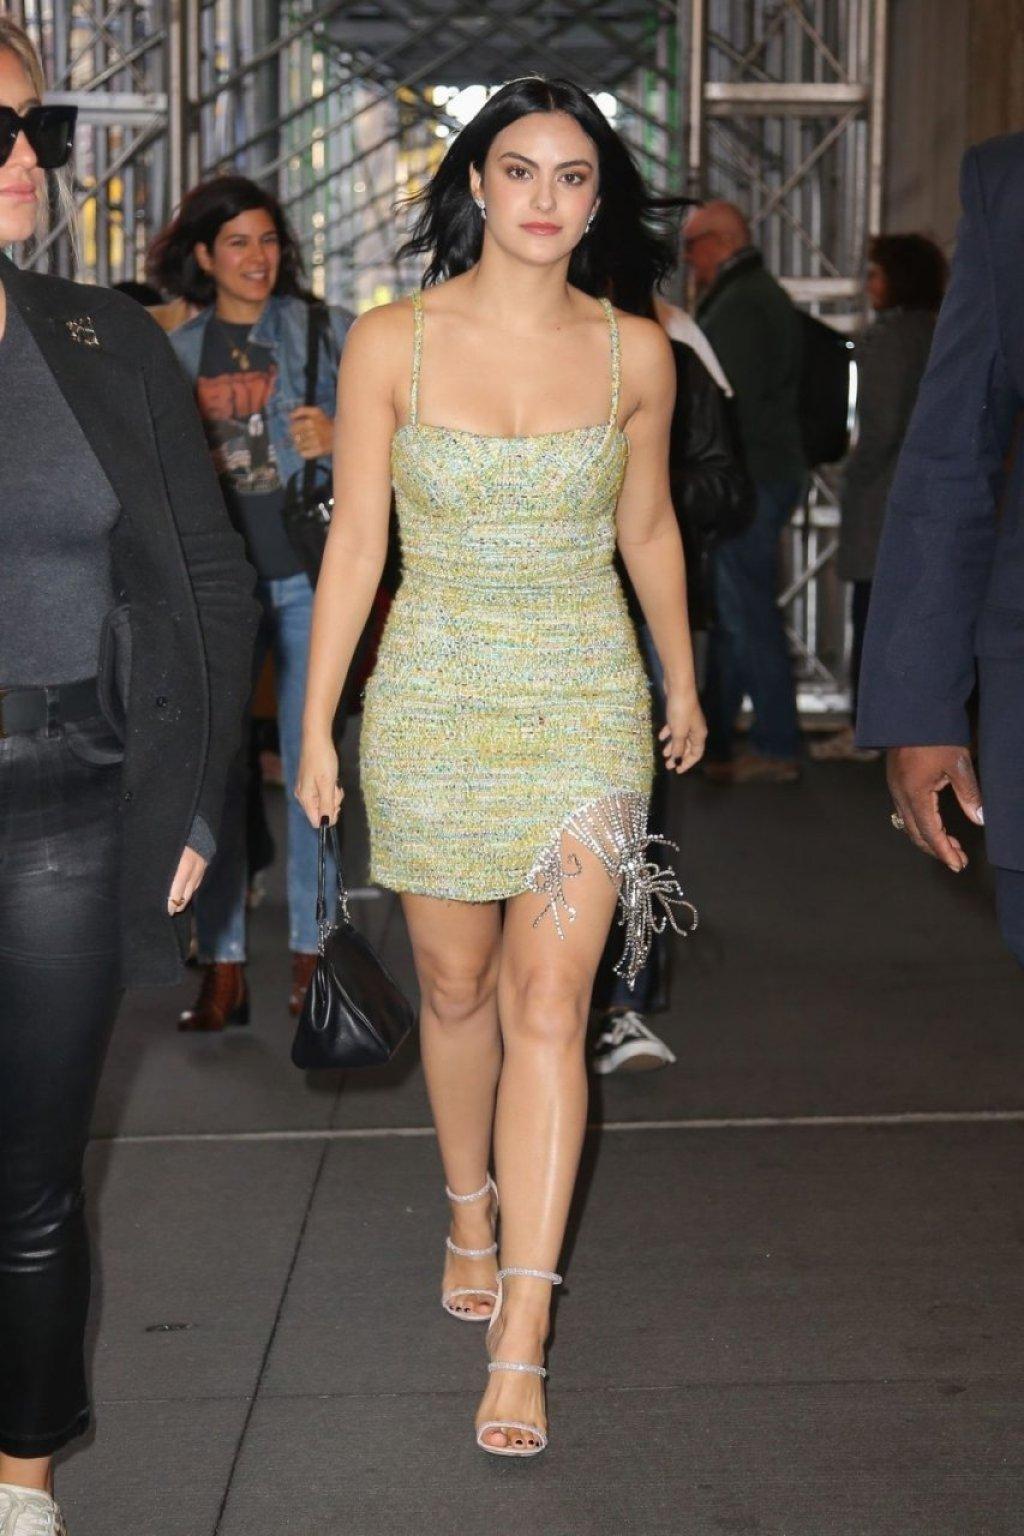 Camila Mendes Sexy (32 Photos)